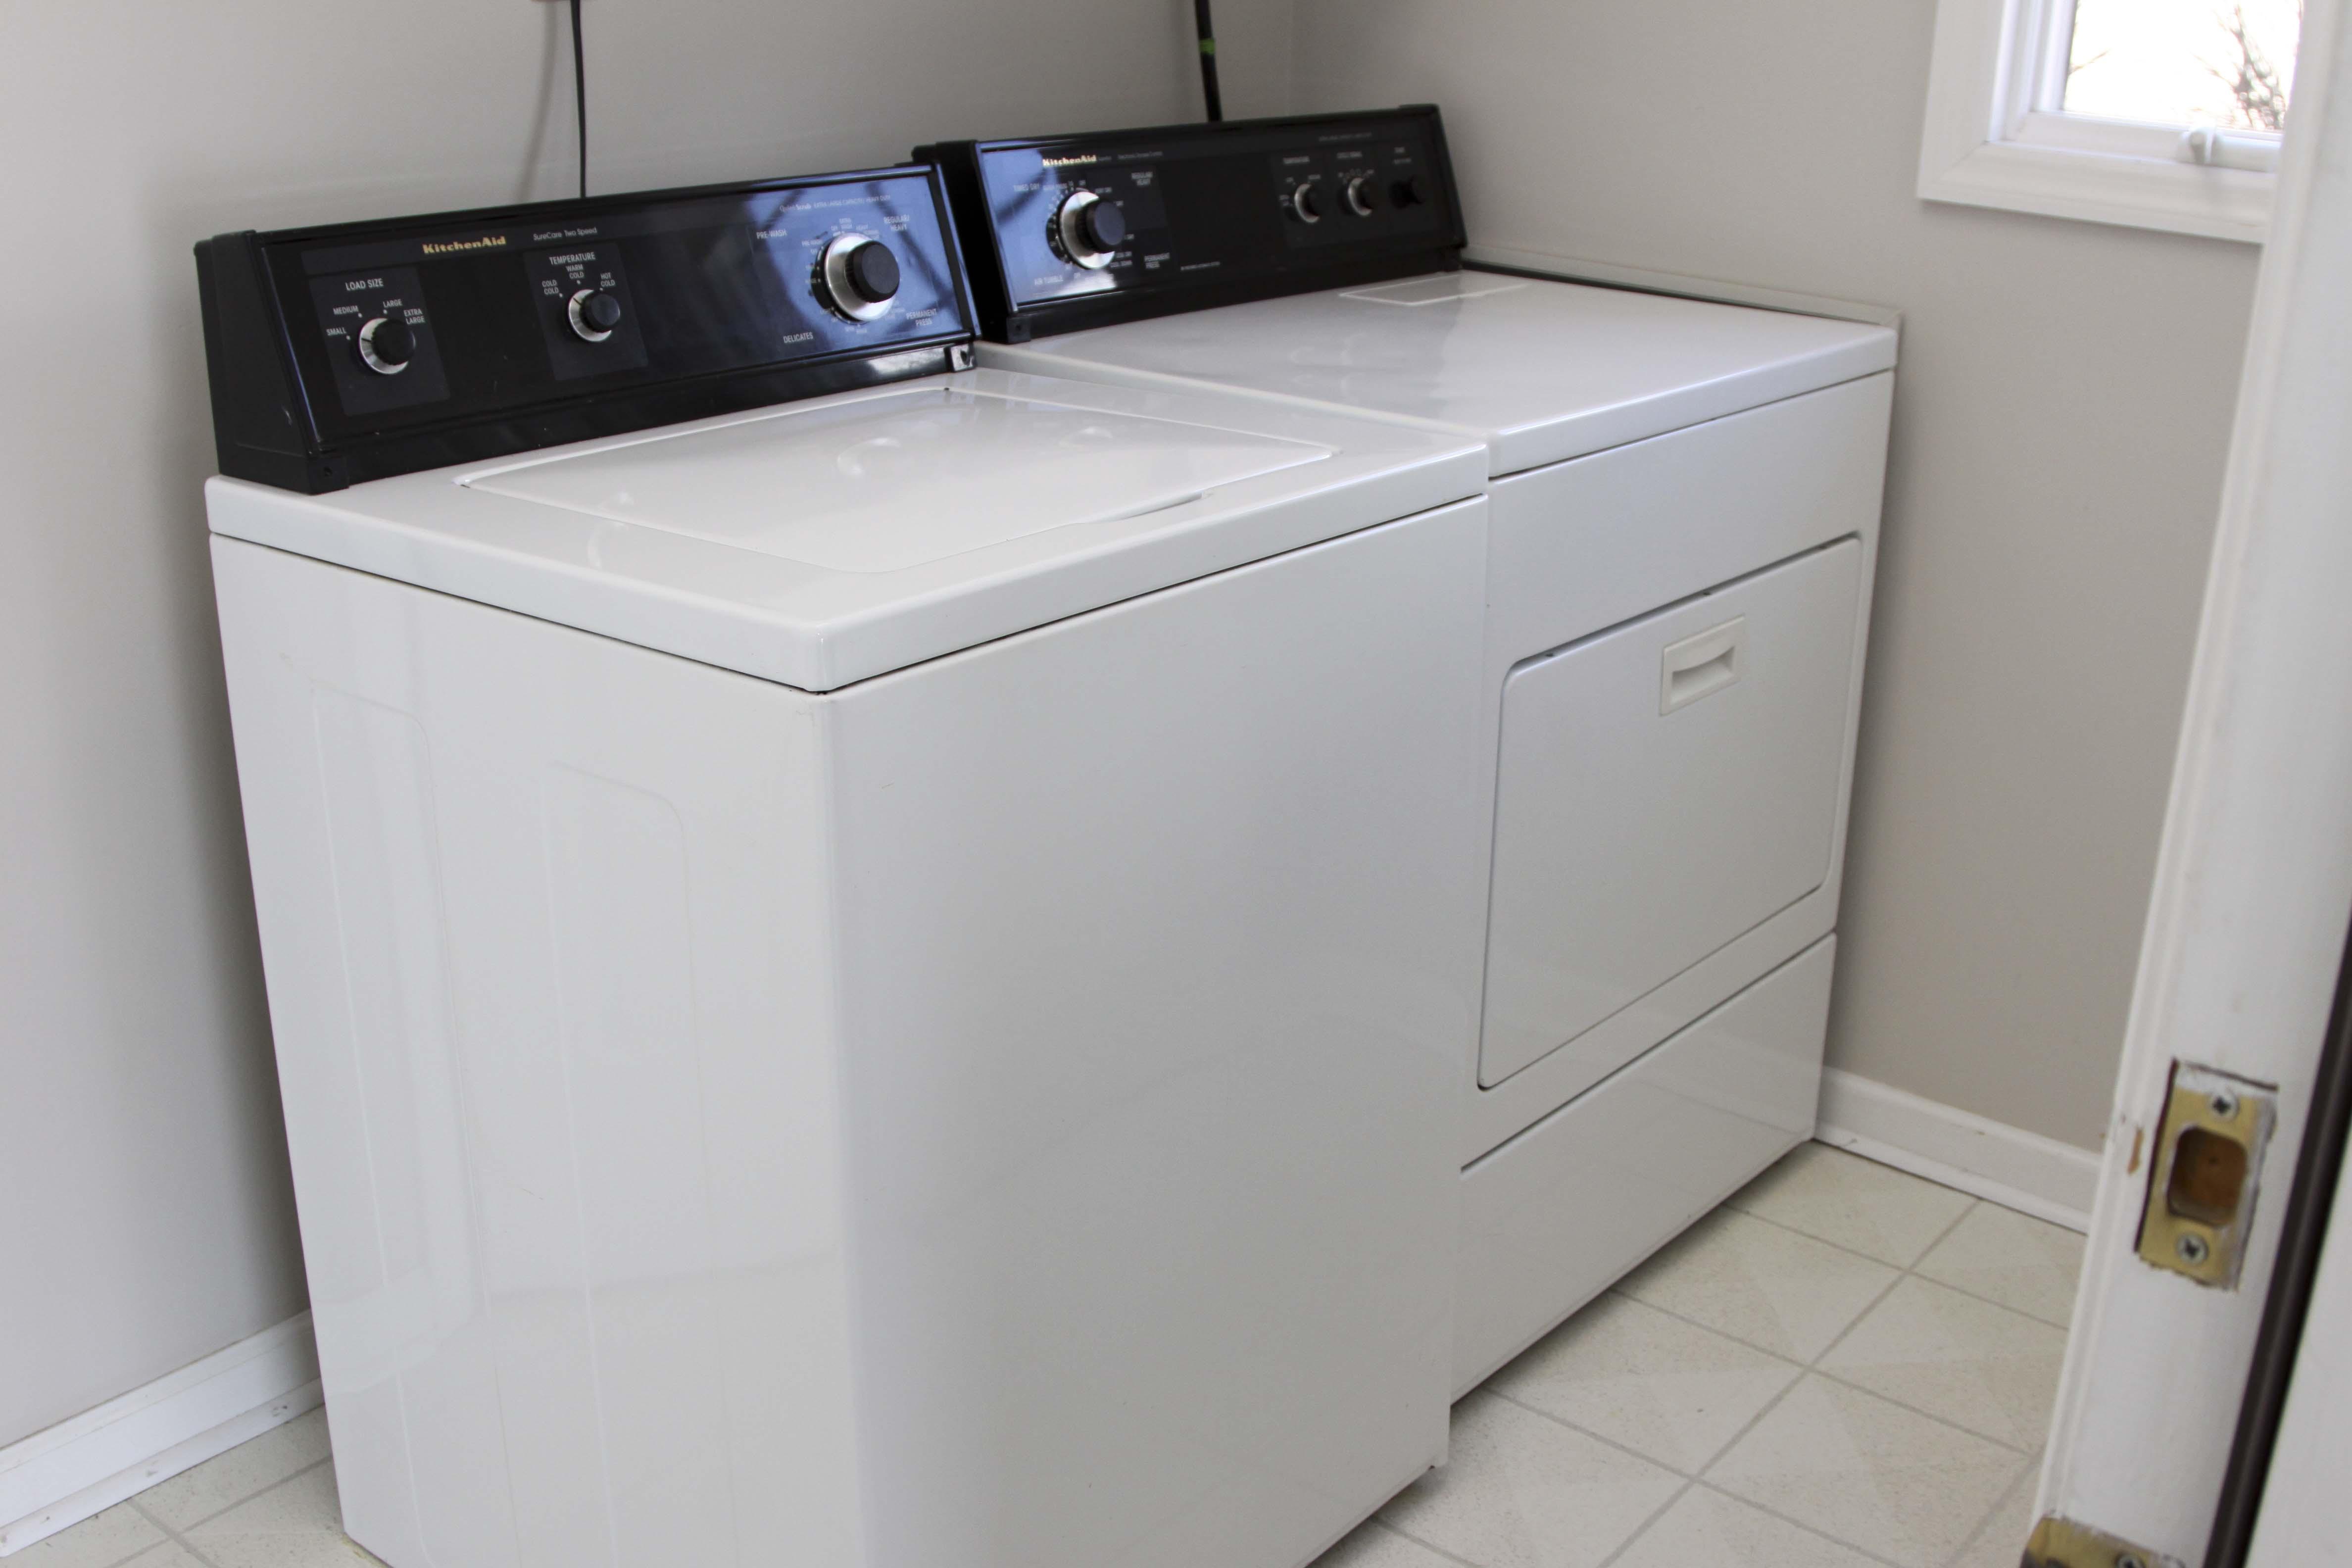 kitchenaid washer and dryer. kitchenaid washer and dryer kitchenaid